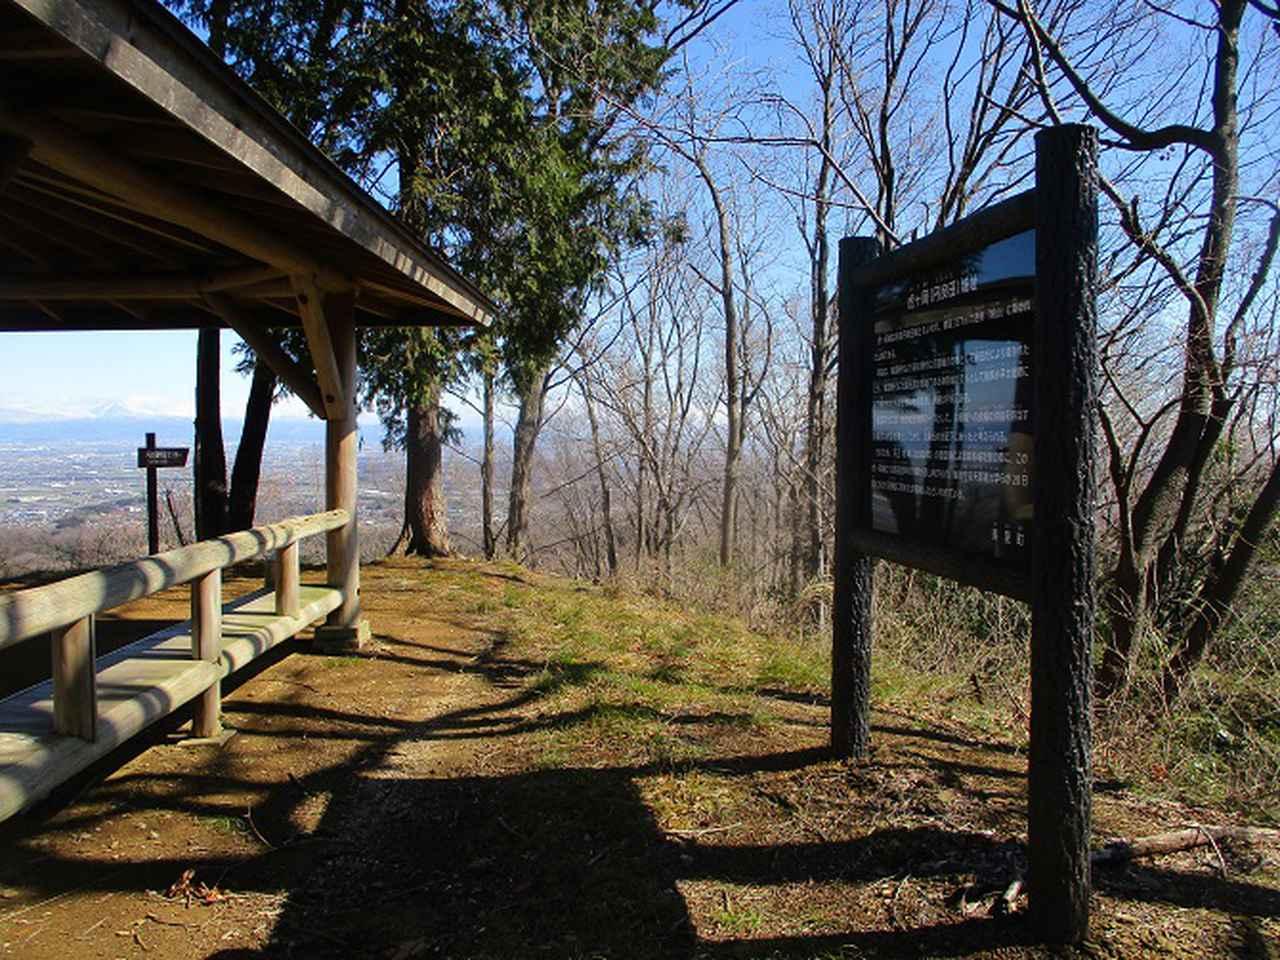 画像7: 3月の山旅会 「陣見山」 ツアーの下見のご報告です!